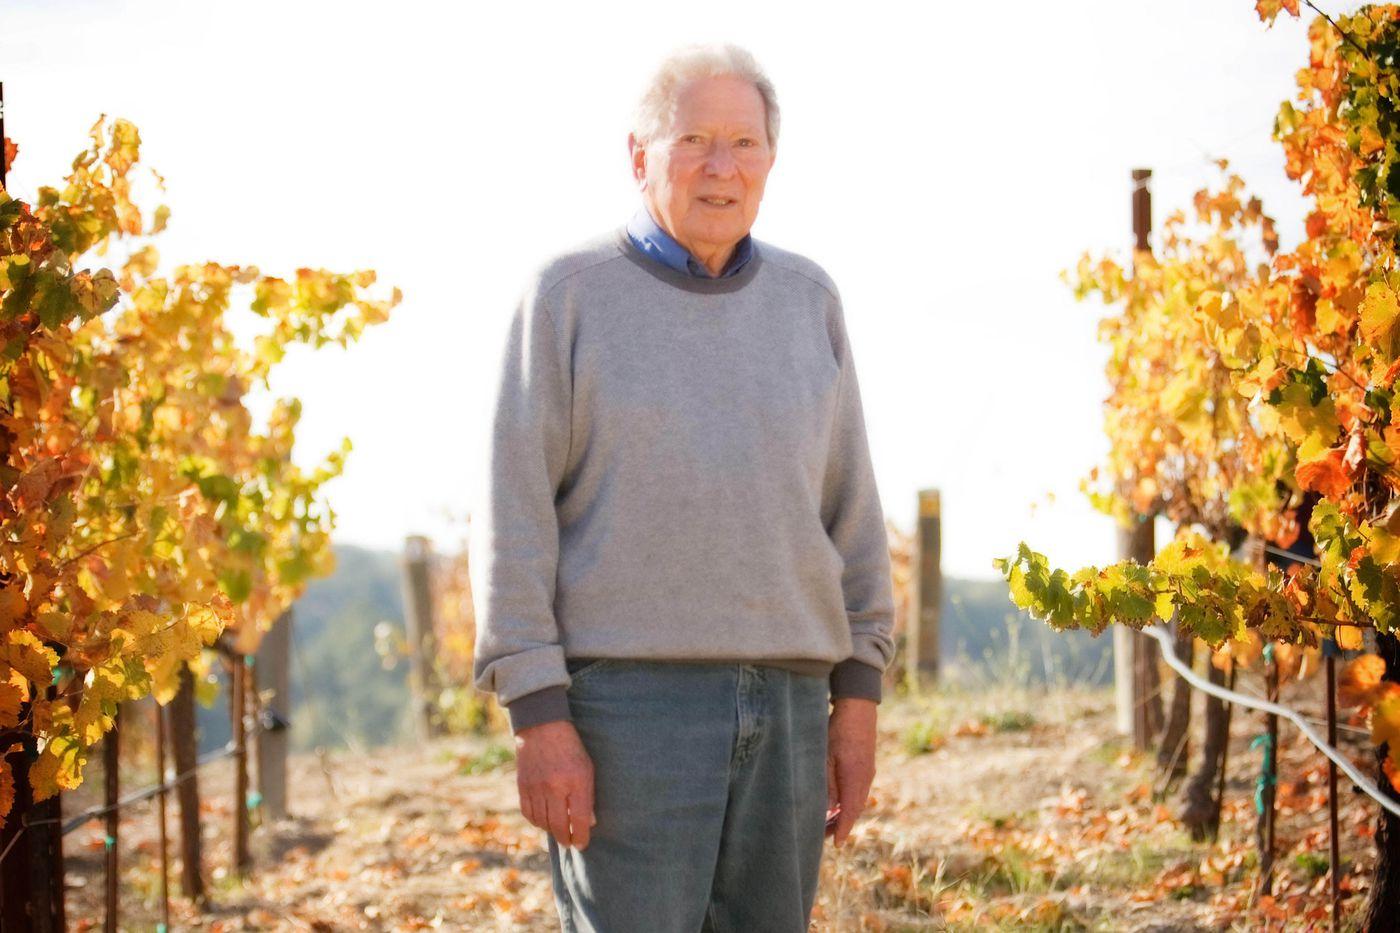 LA Times: Robert Haas, influential American vintner and wine importer, dies at 90 | 03/20/18